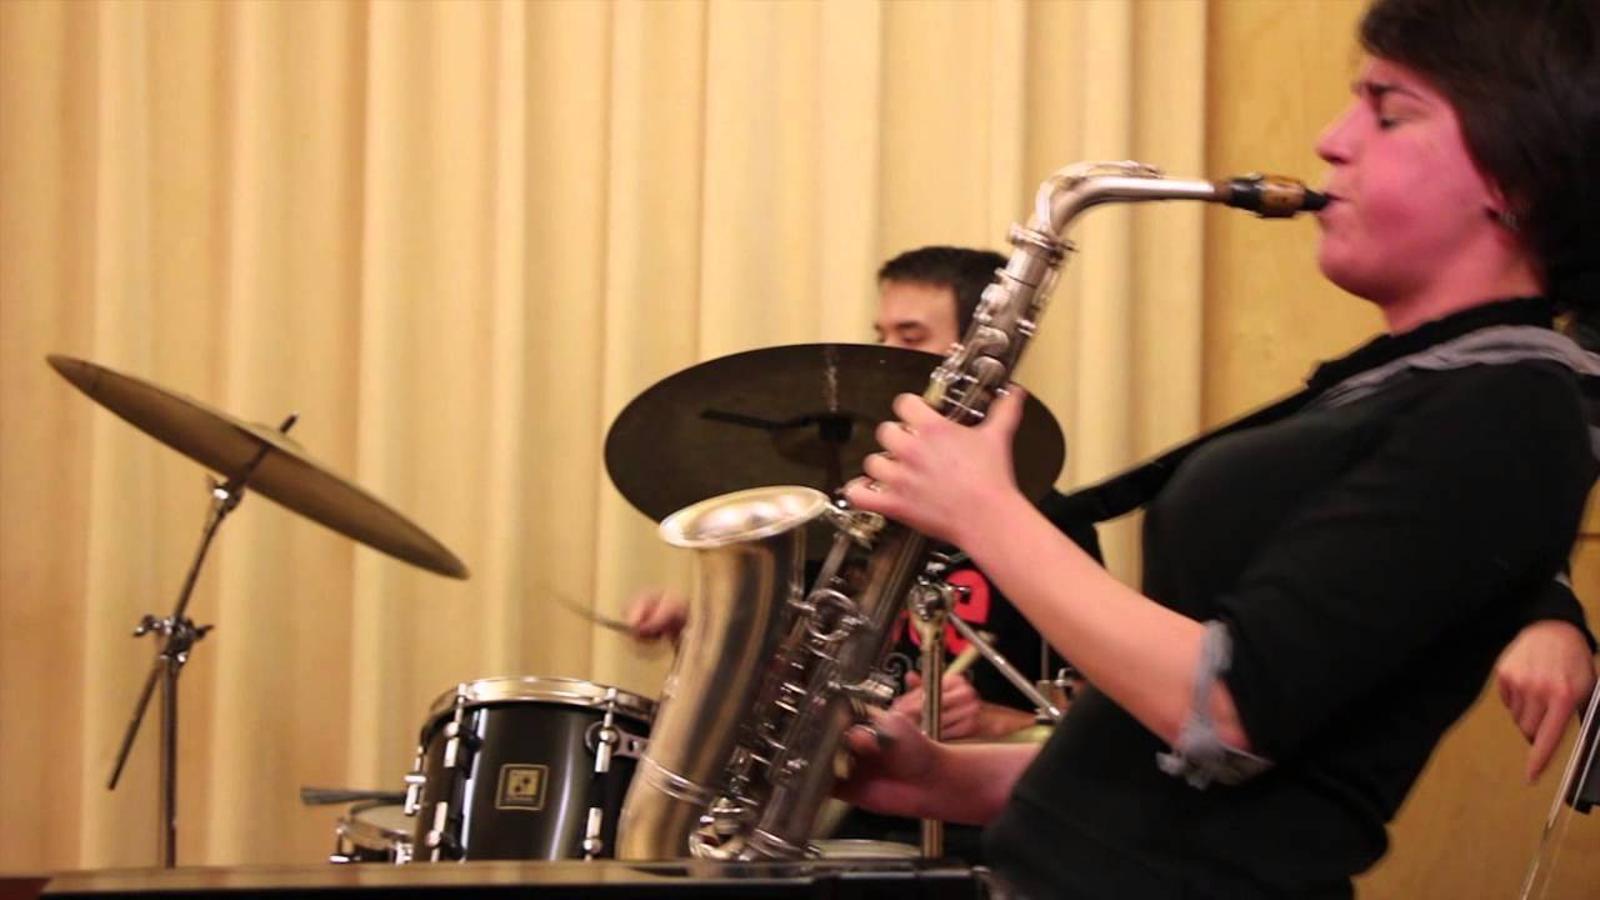 La saxofonista Irene Reig presenta el seu primer disc 'Views'